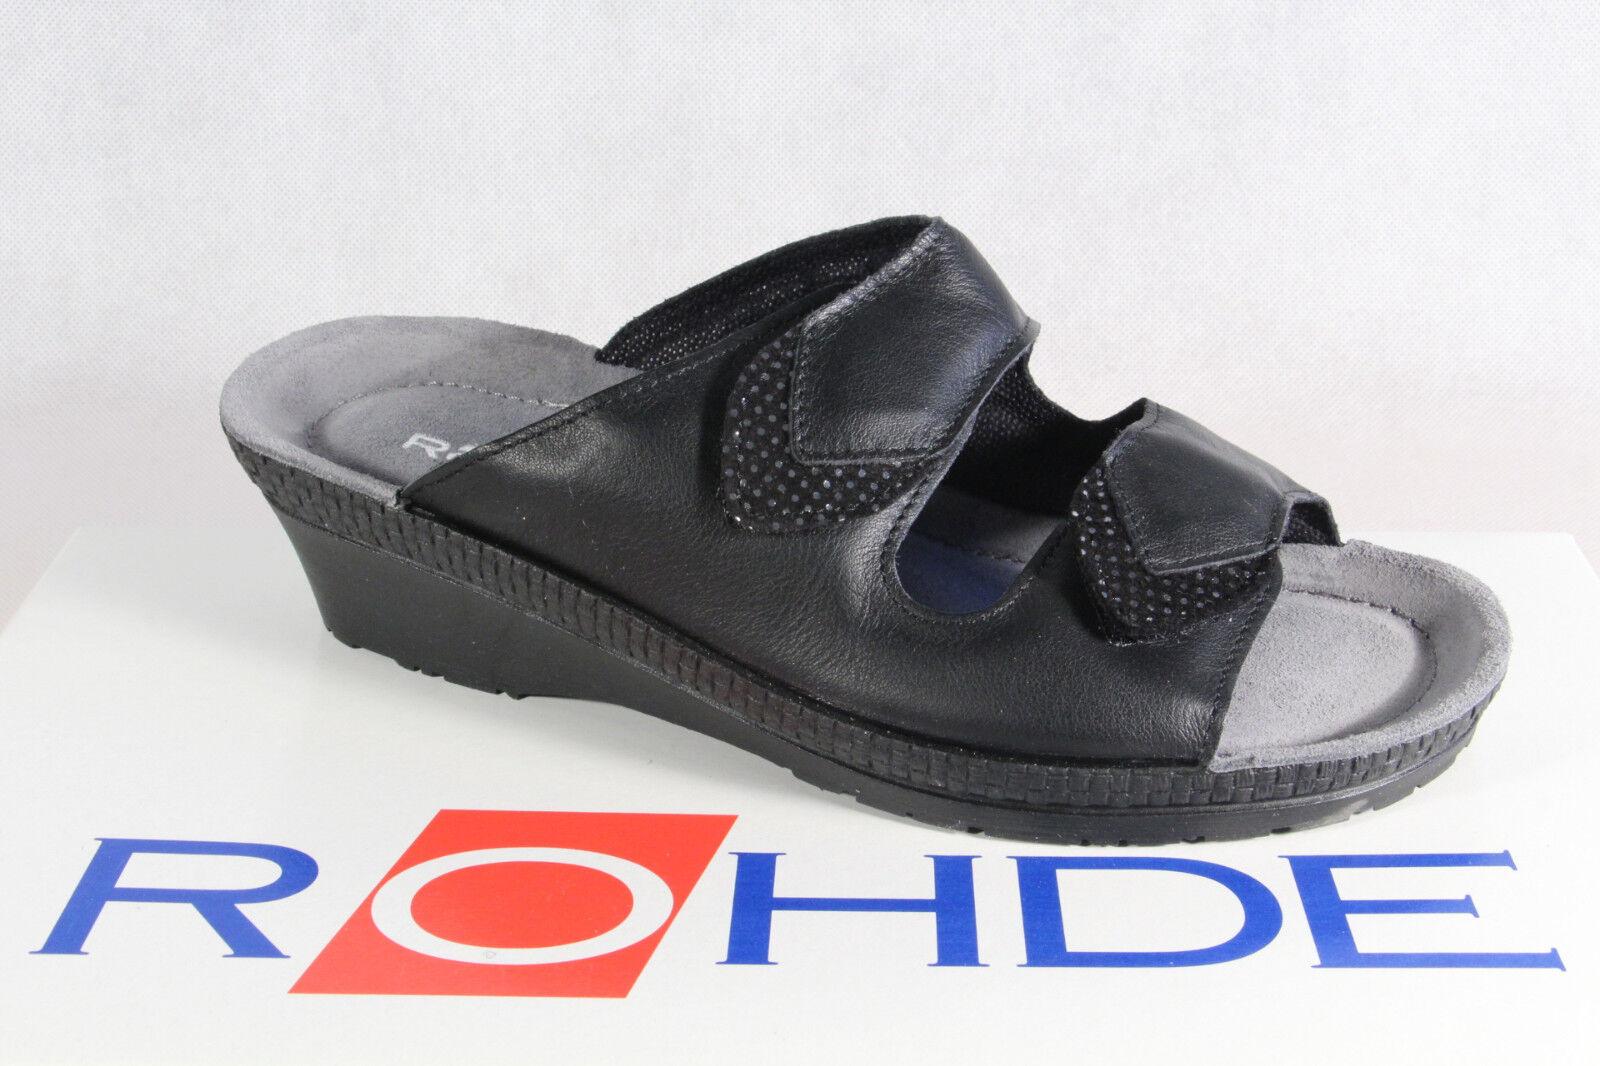 Rohde Sandali Sandali Pantofole Pantofole Nero Larghezza G 1477 NUOVO!